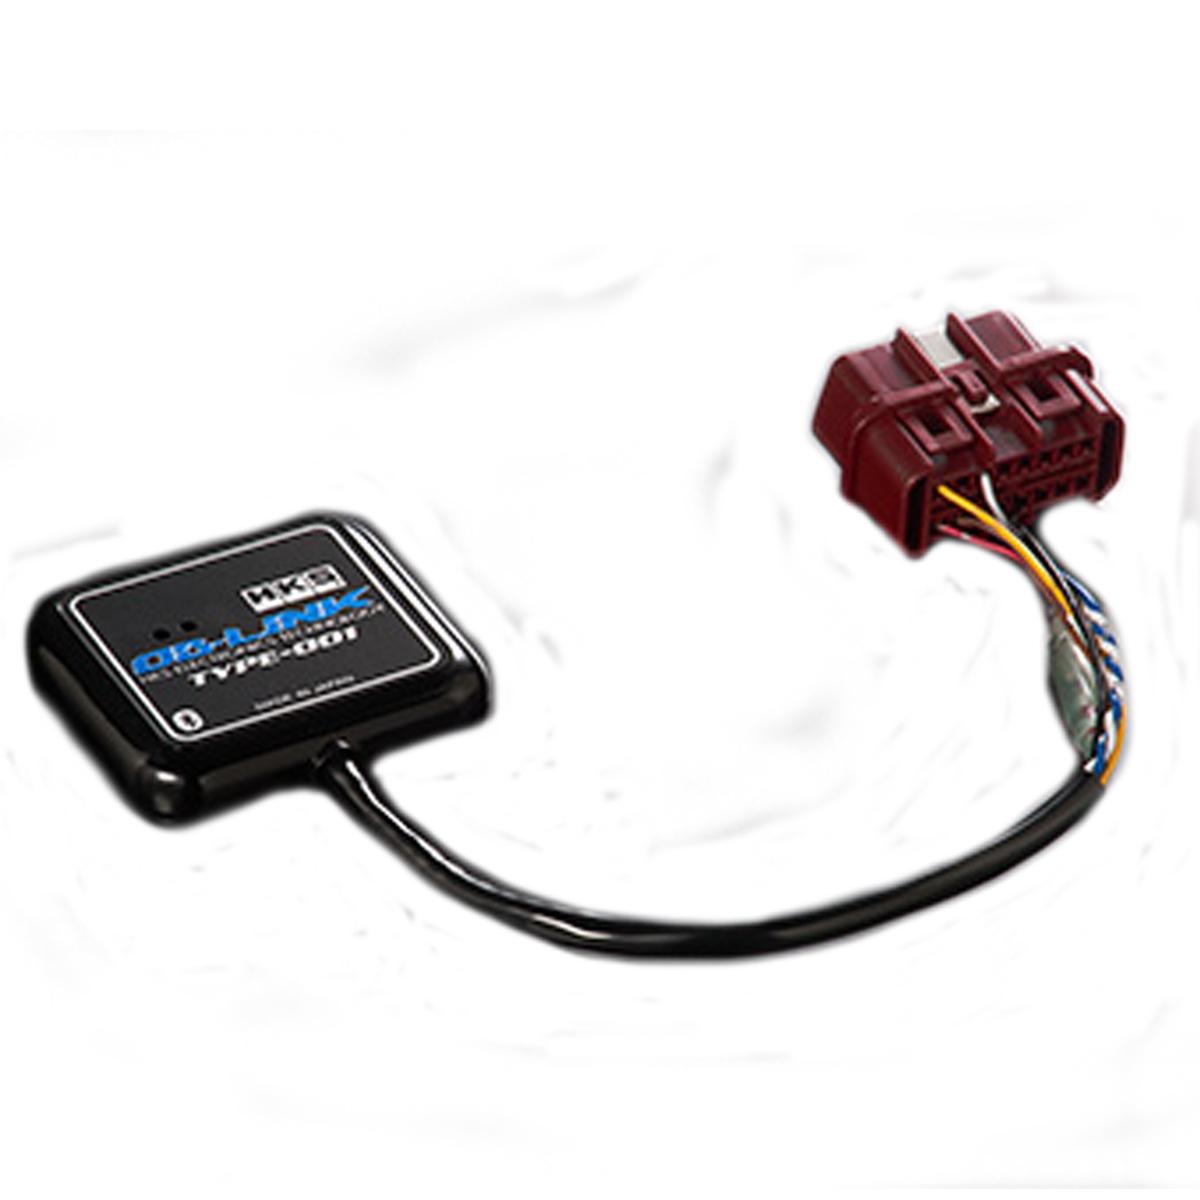 シビック モニター OBリンク タイプ 001 EU1/2 HKS 44009-AK002 エレクトリニクス